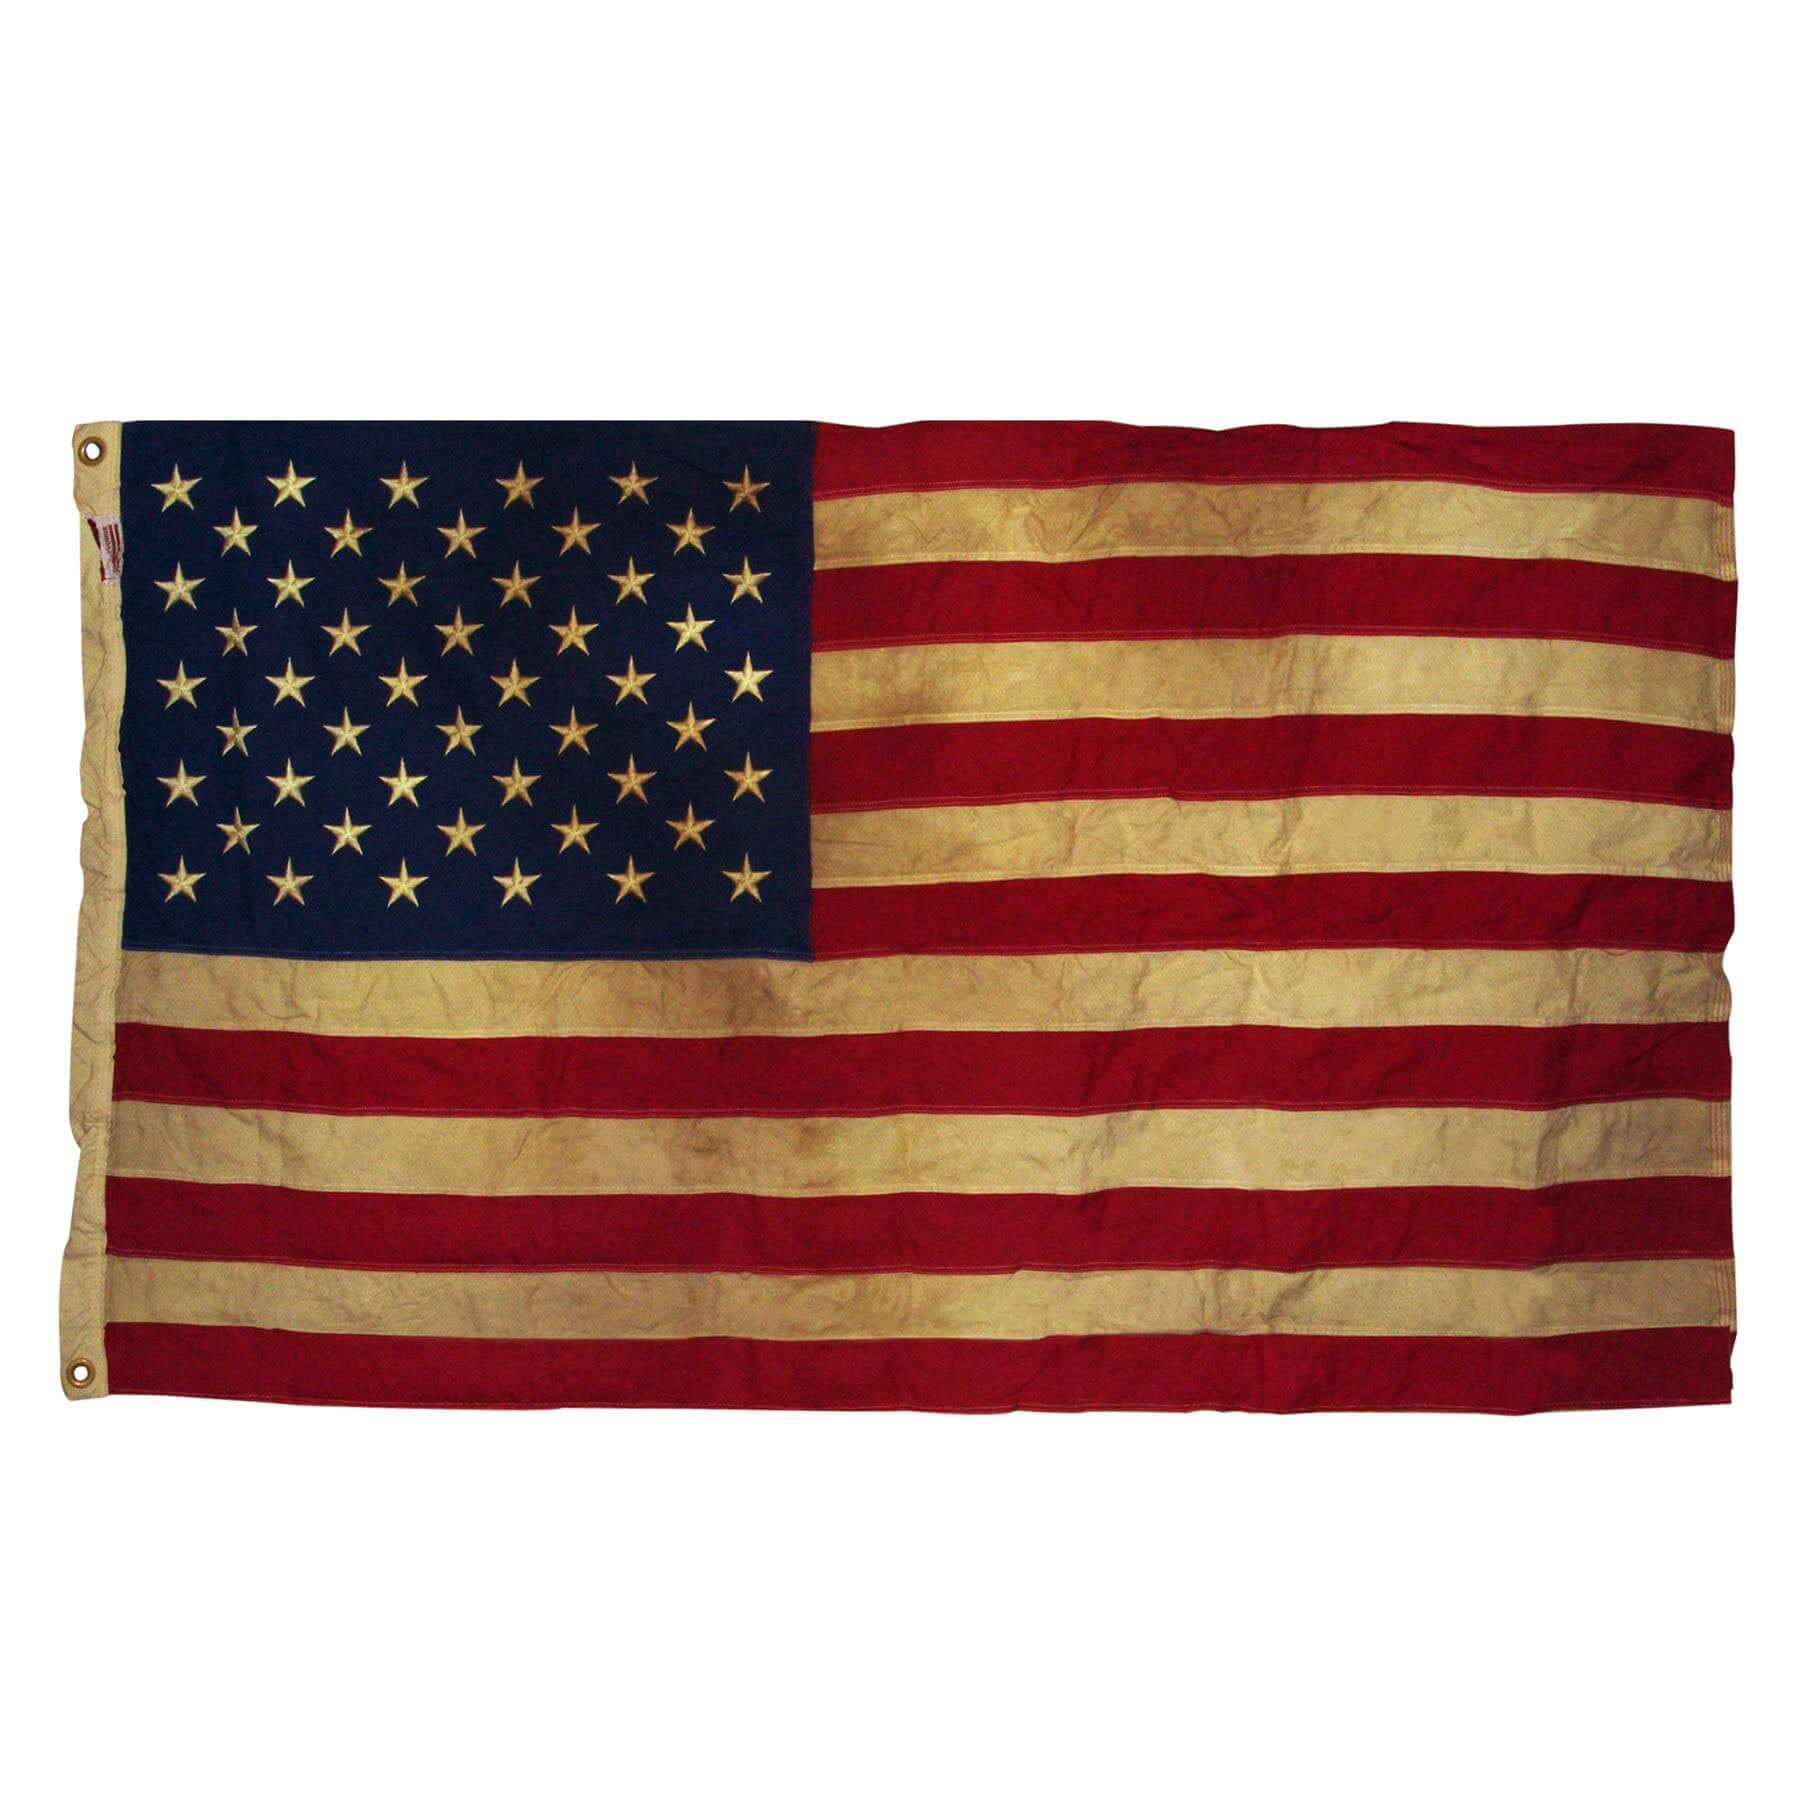 Heritage Series 50 Star American Flags